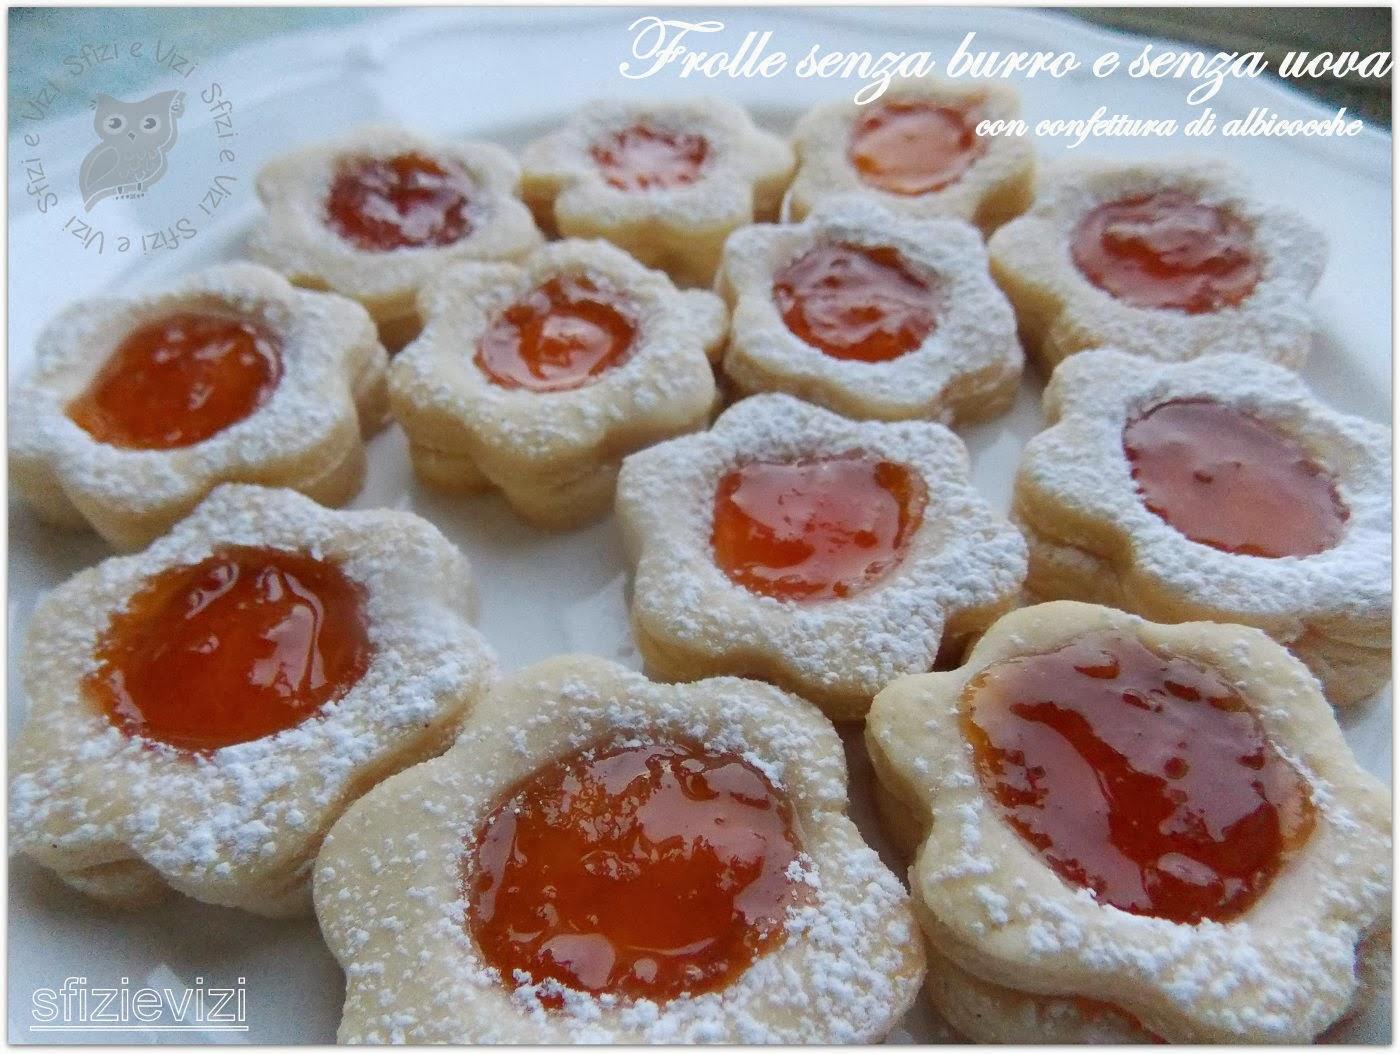 biscotti di pasta frolla senza burro e senza uova (a forma di cuore e farciti con confettura di albicocche)